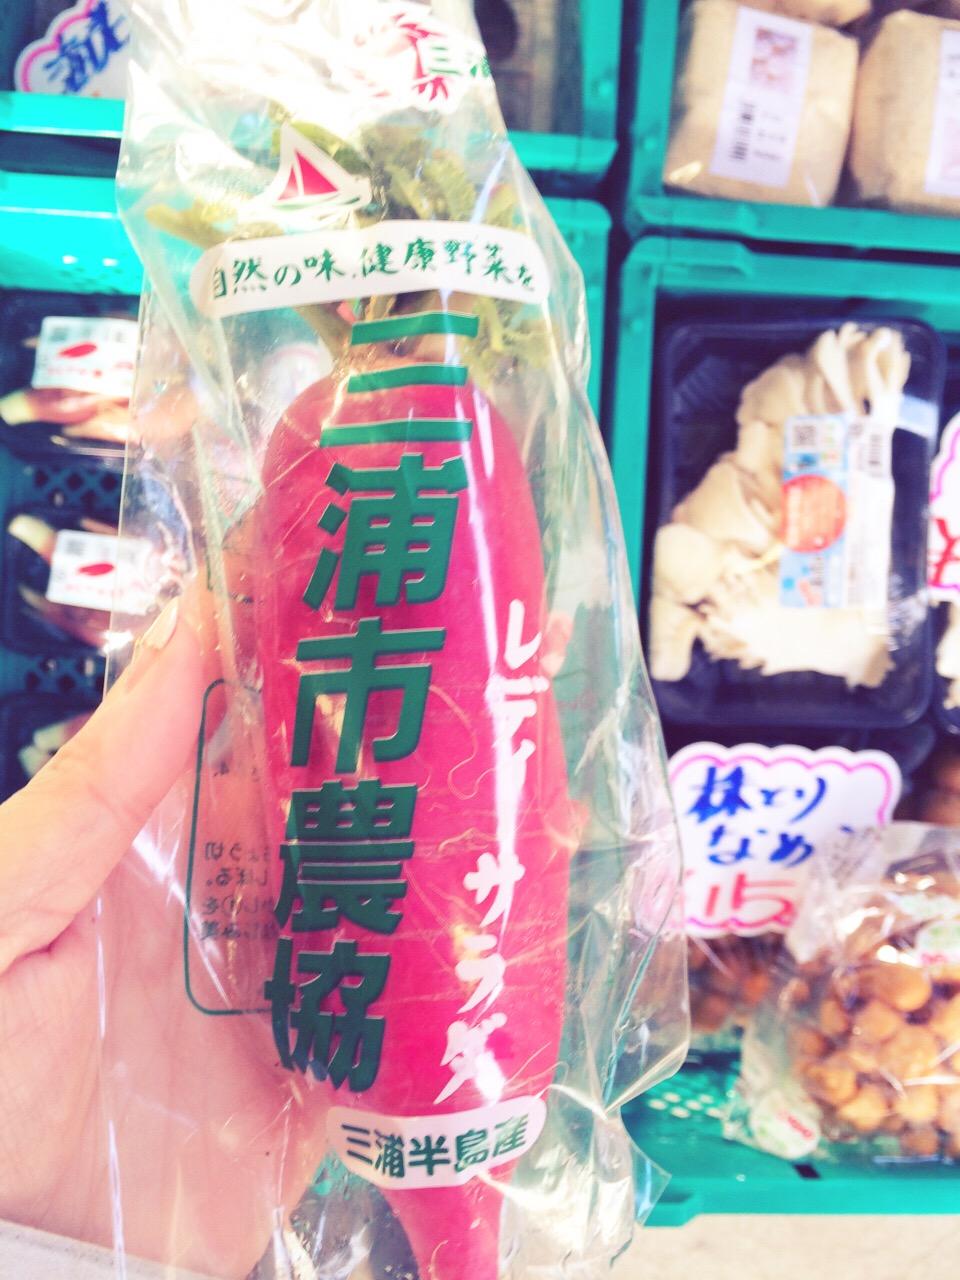 川崎市地方卸売市場南部市場おぐちレディーサラダ